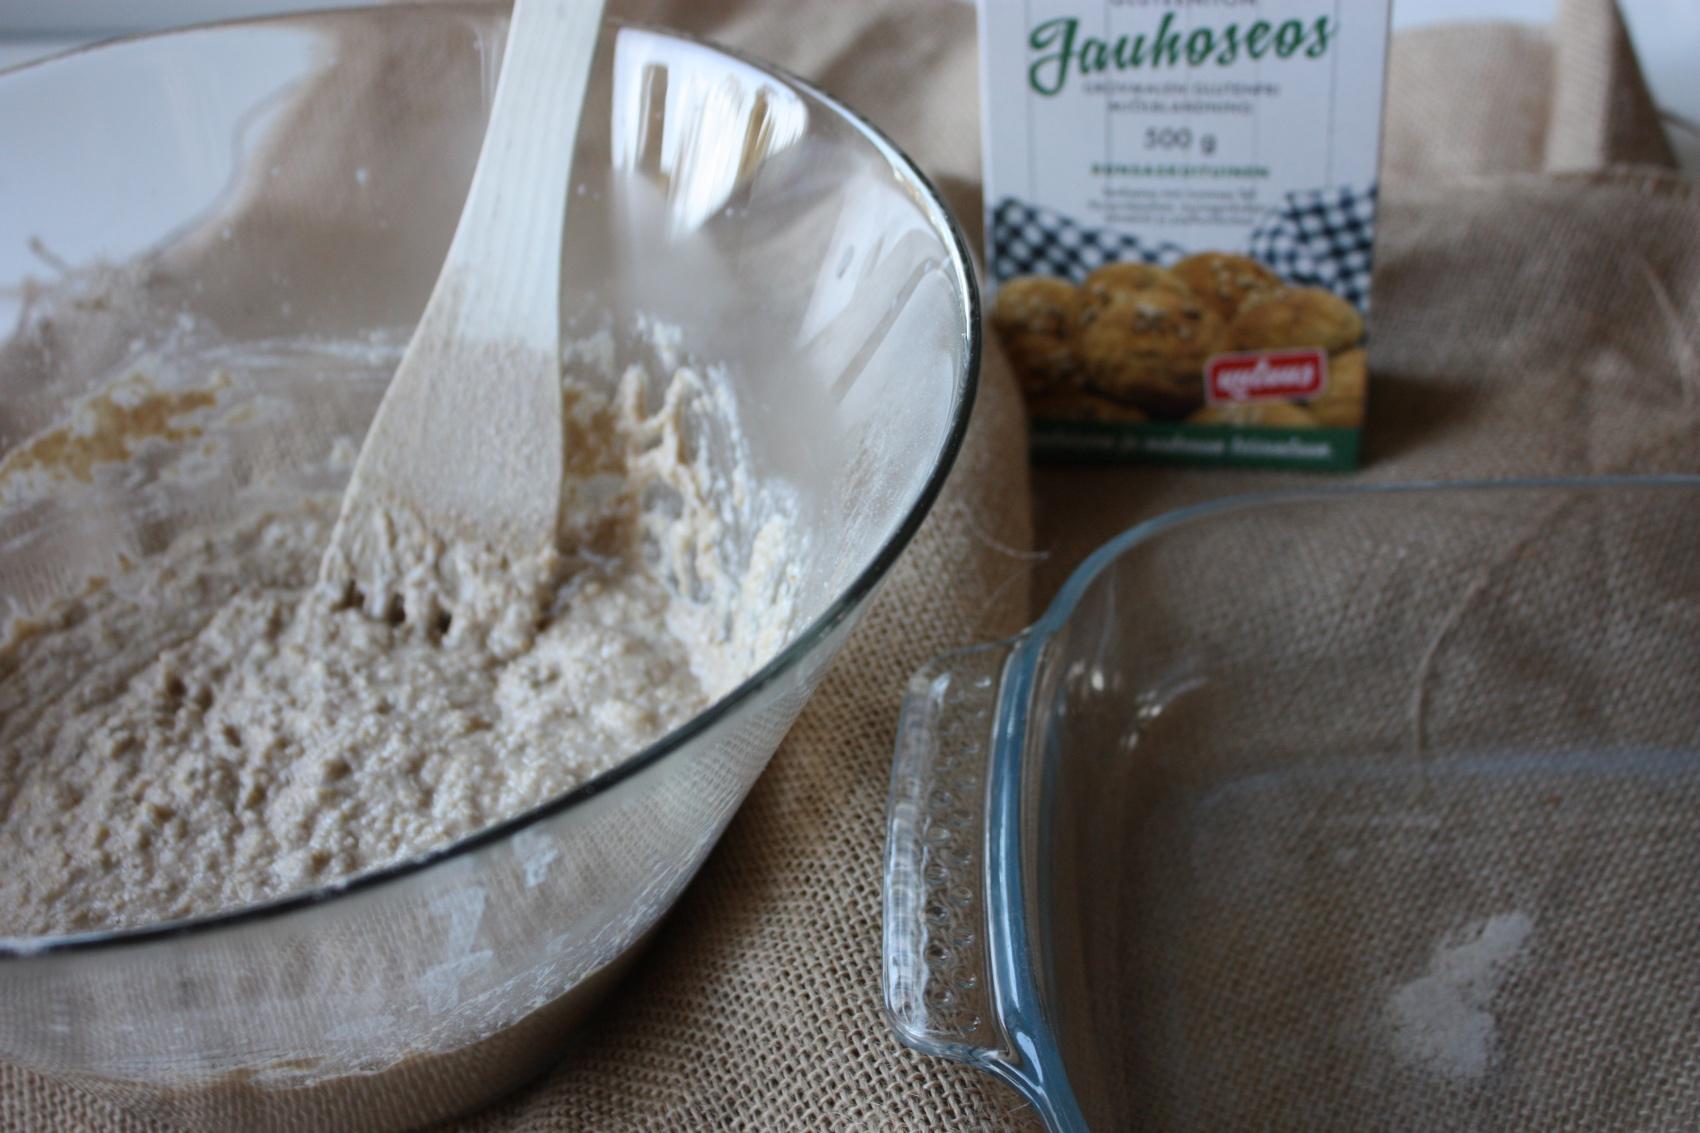 Tuoretta iltapalaa: gluteeniton peltileipä